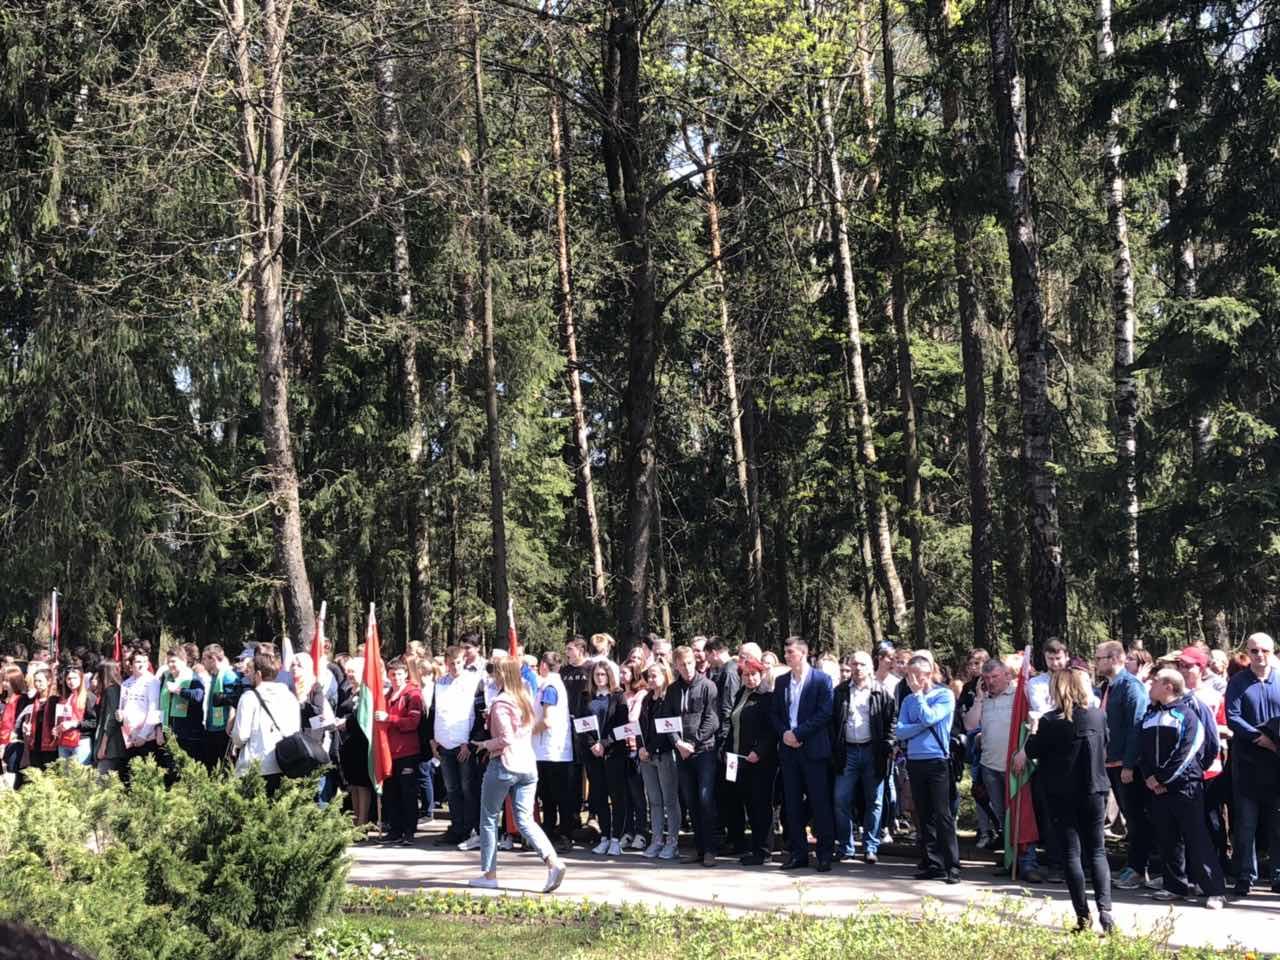 Митинг-реквием, посвященный годовщине чернобыльской трагедии, состоялся у любужского мемориала «Жертвам Чернобыля».